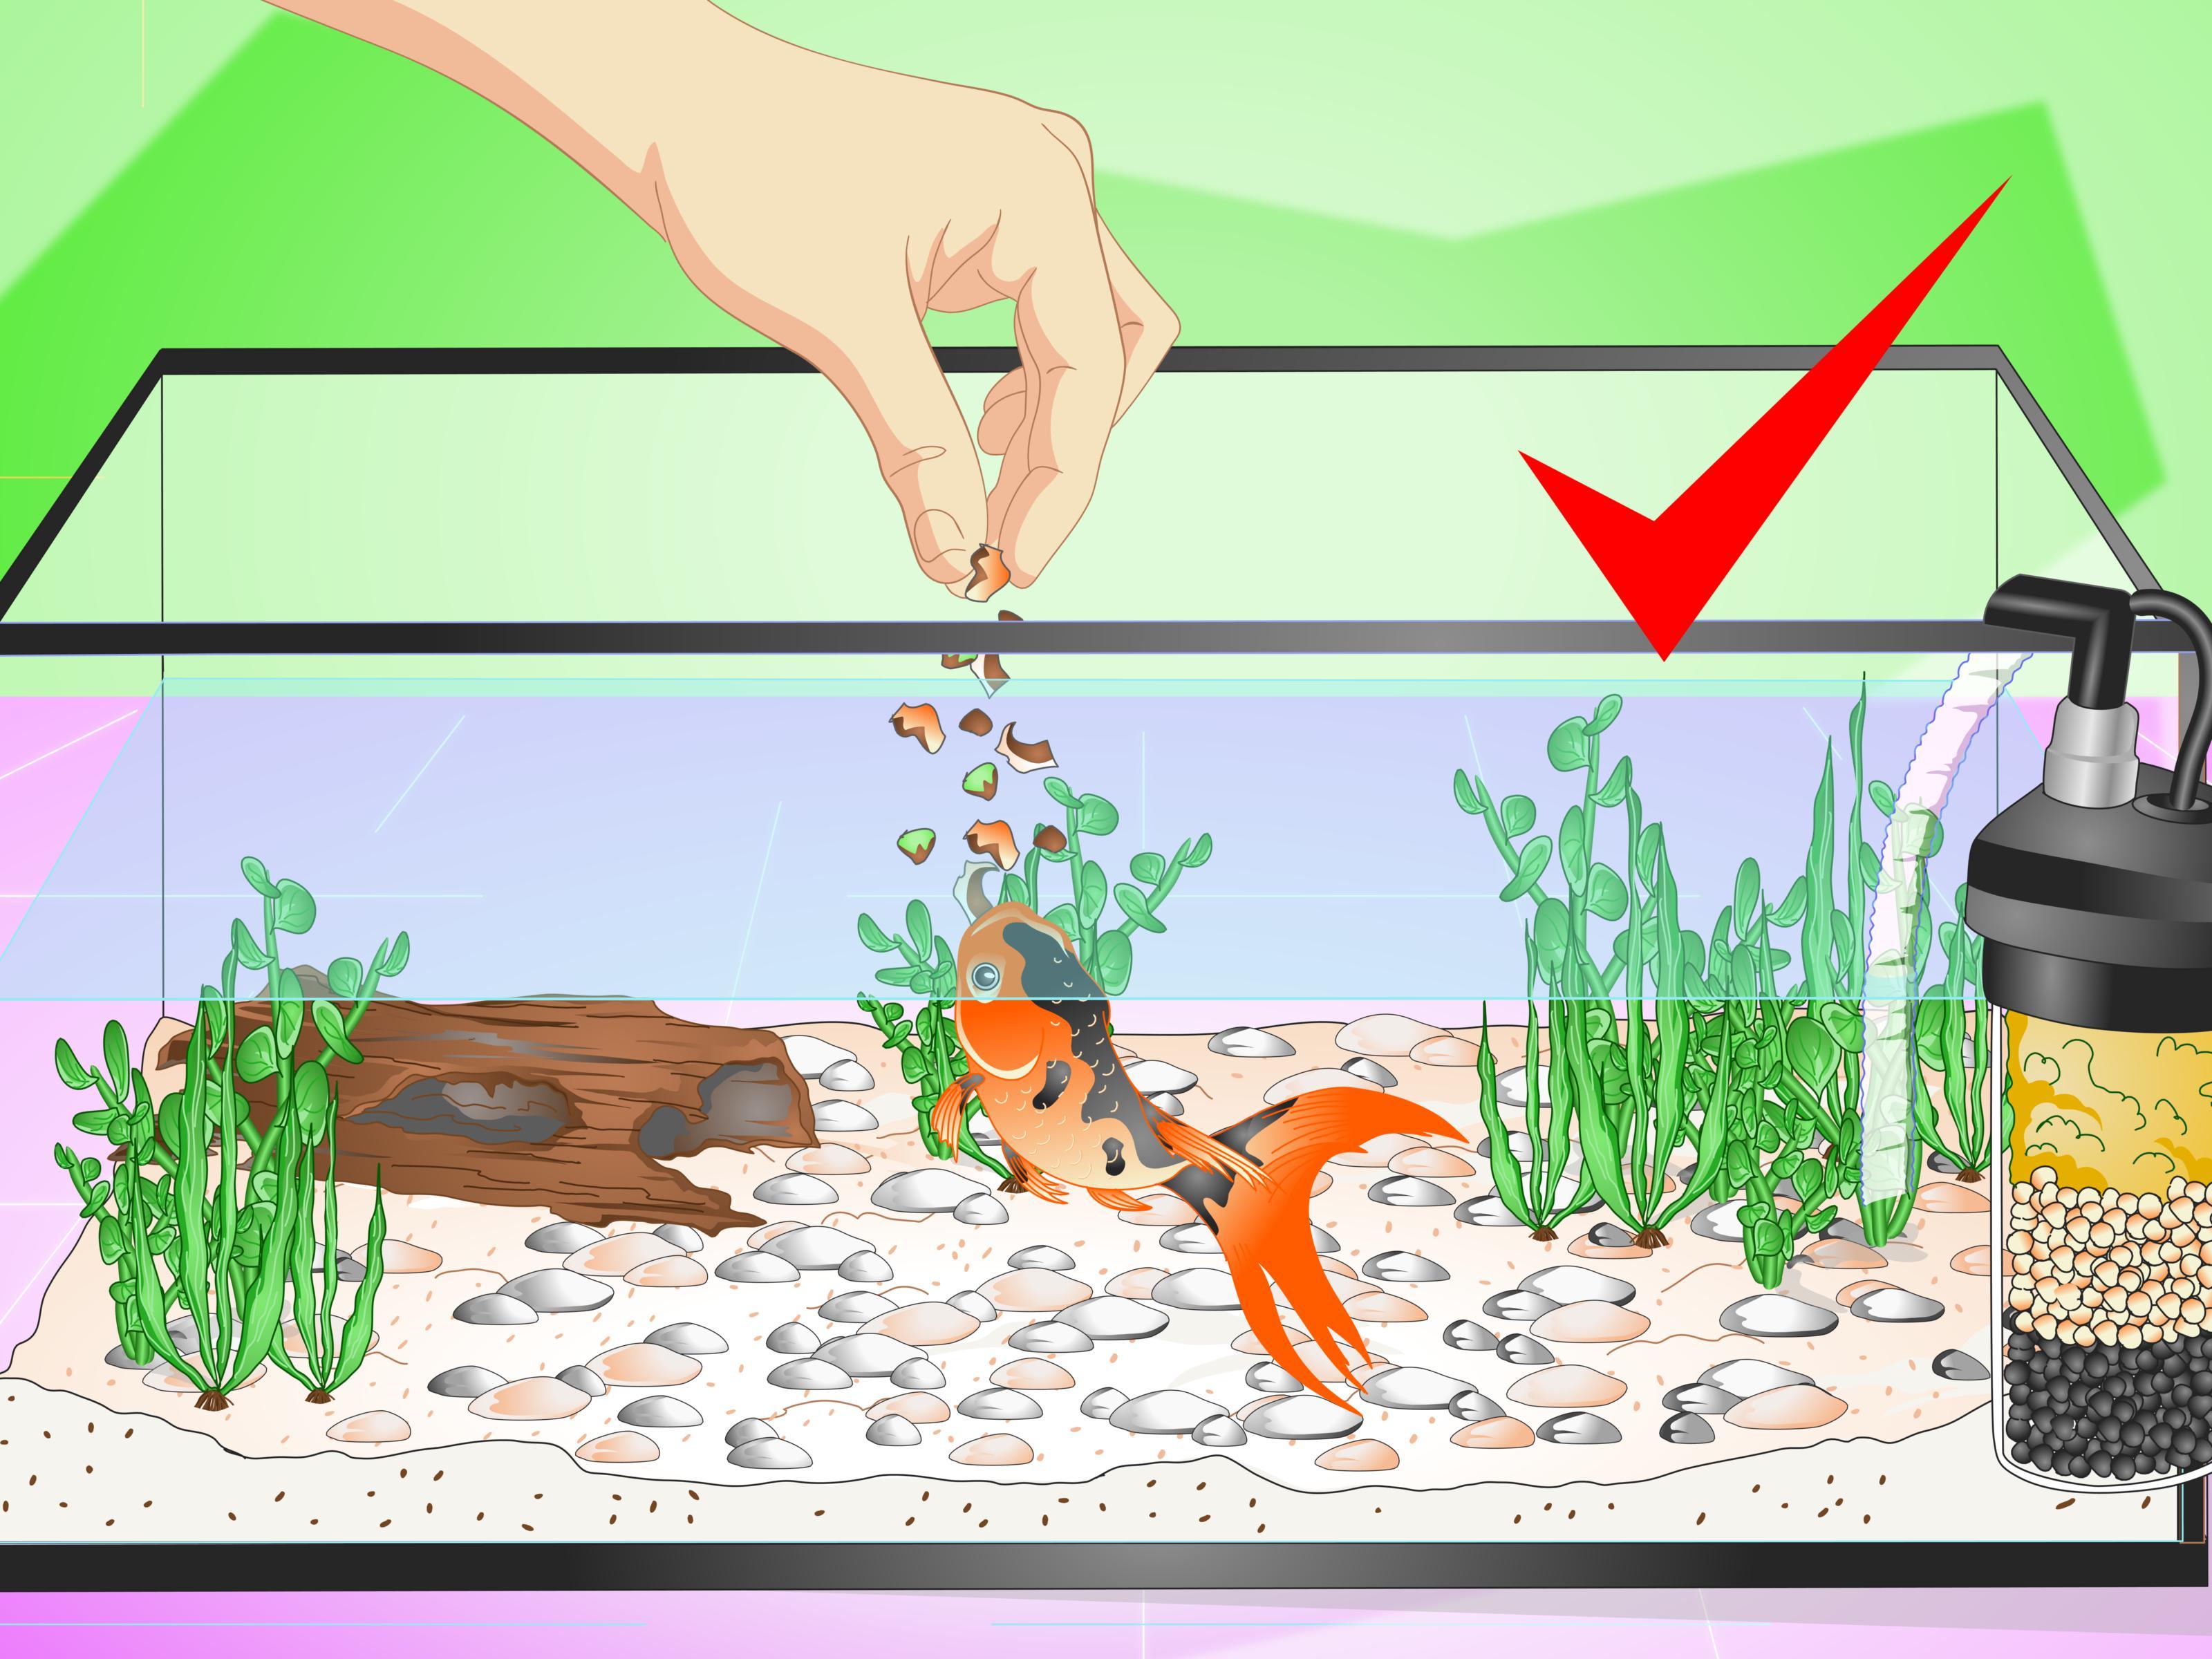 How to set up. Aquarium clipart aquarium design